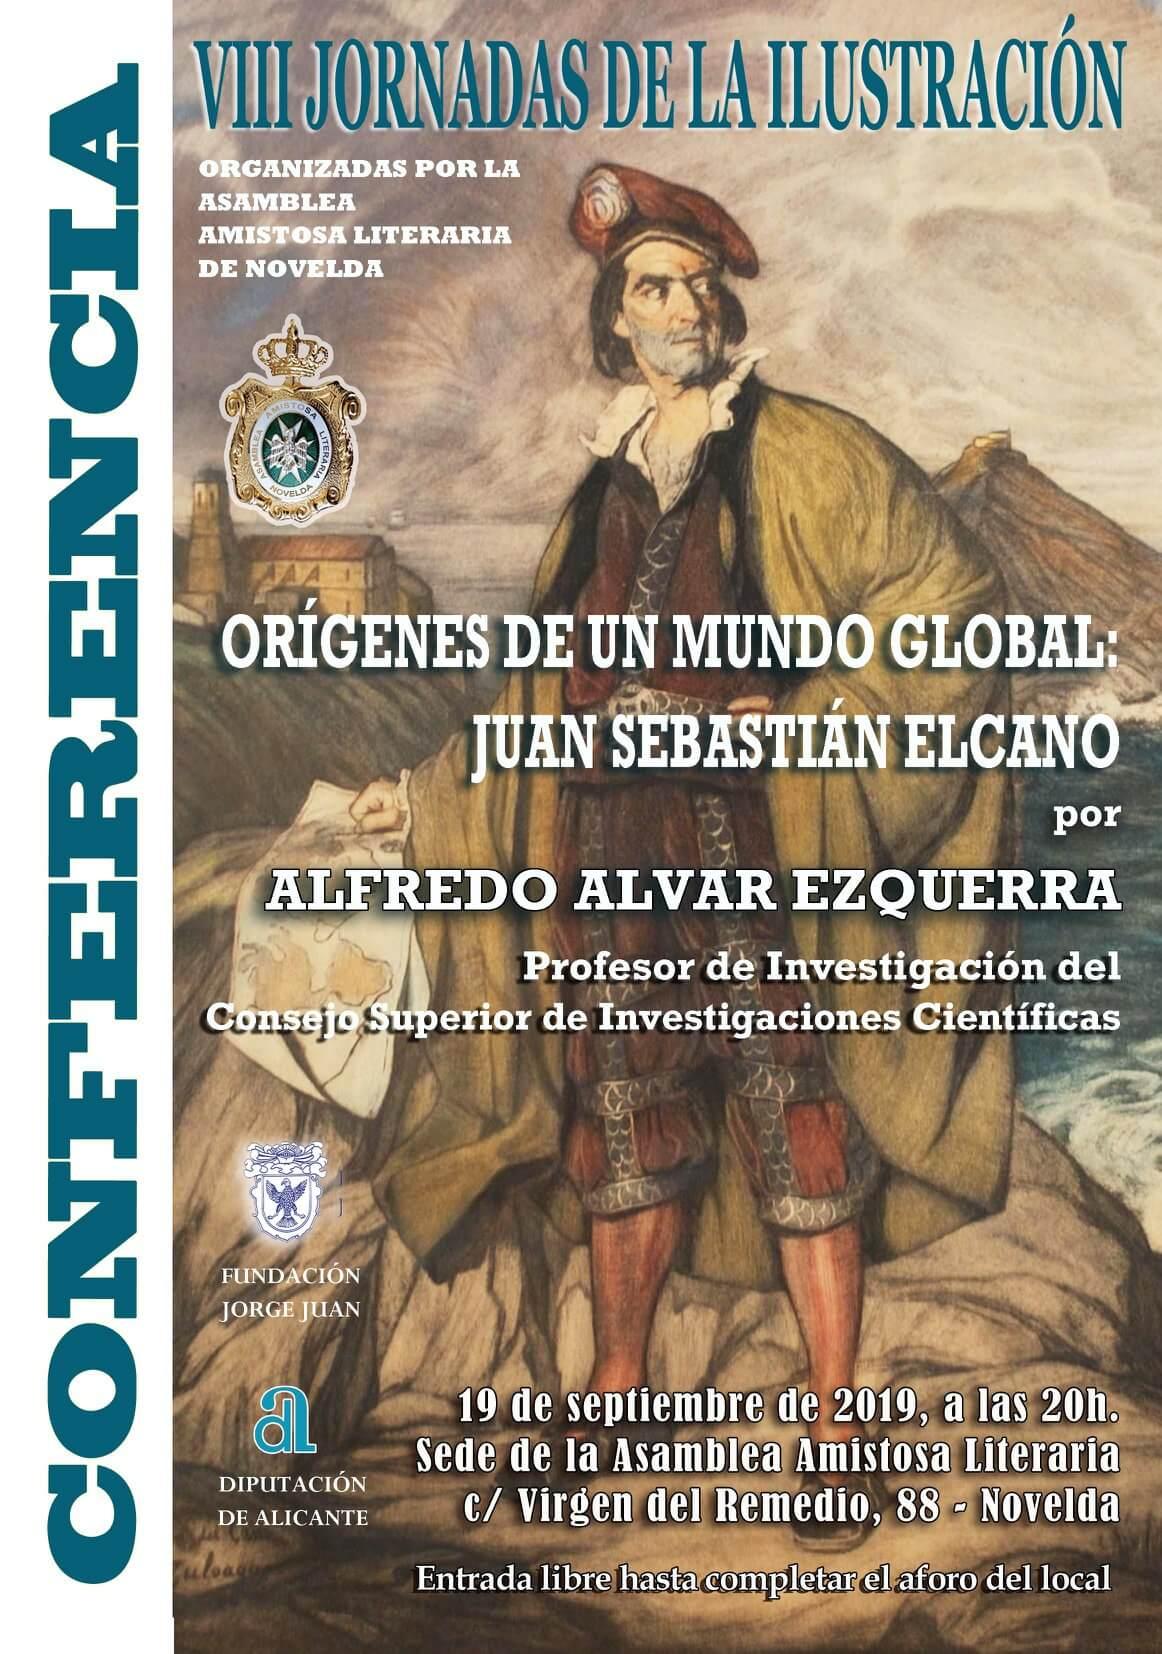 Orígenes de un mundo global: Juan Sebastian el Cano